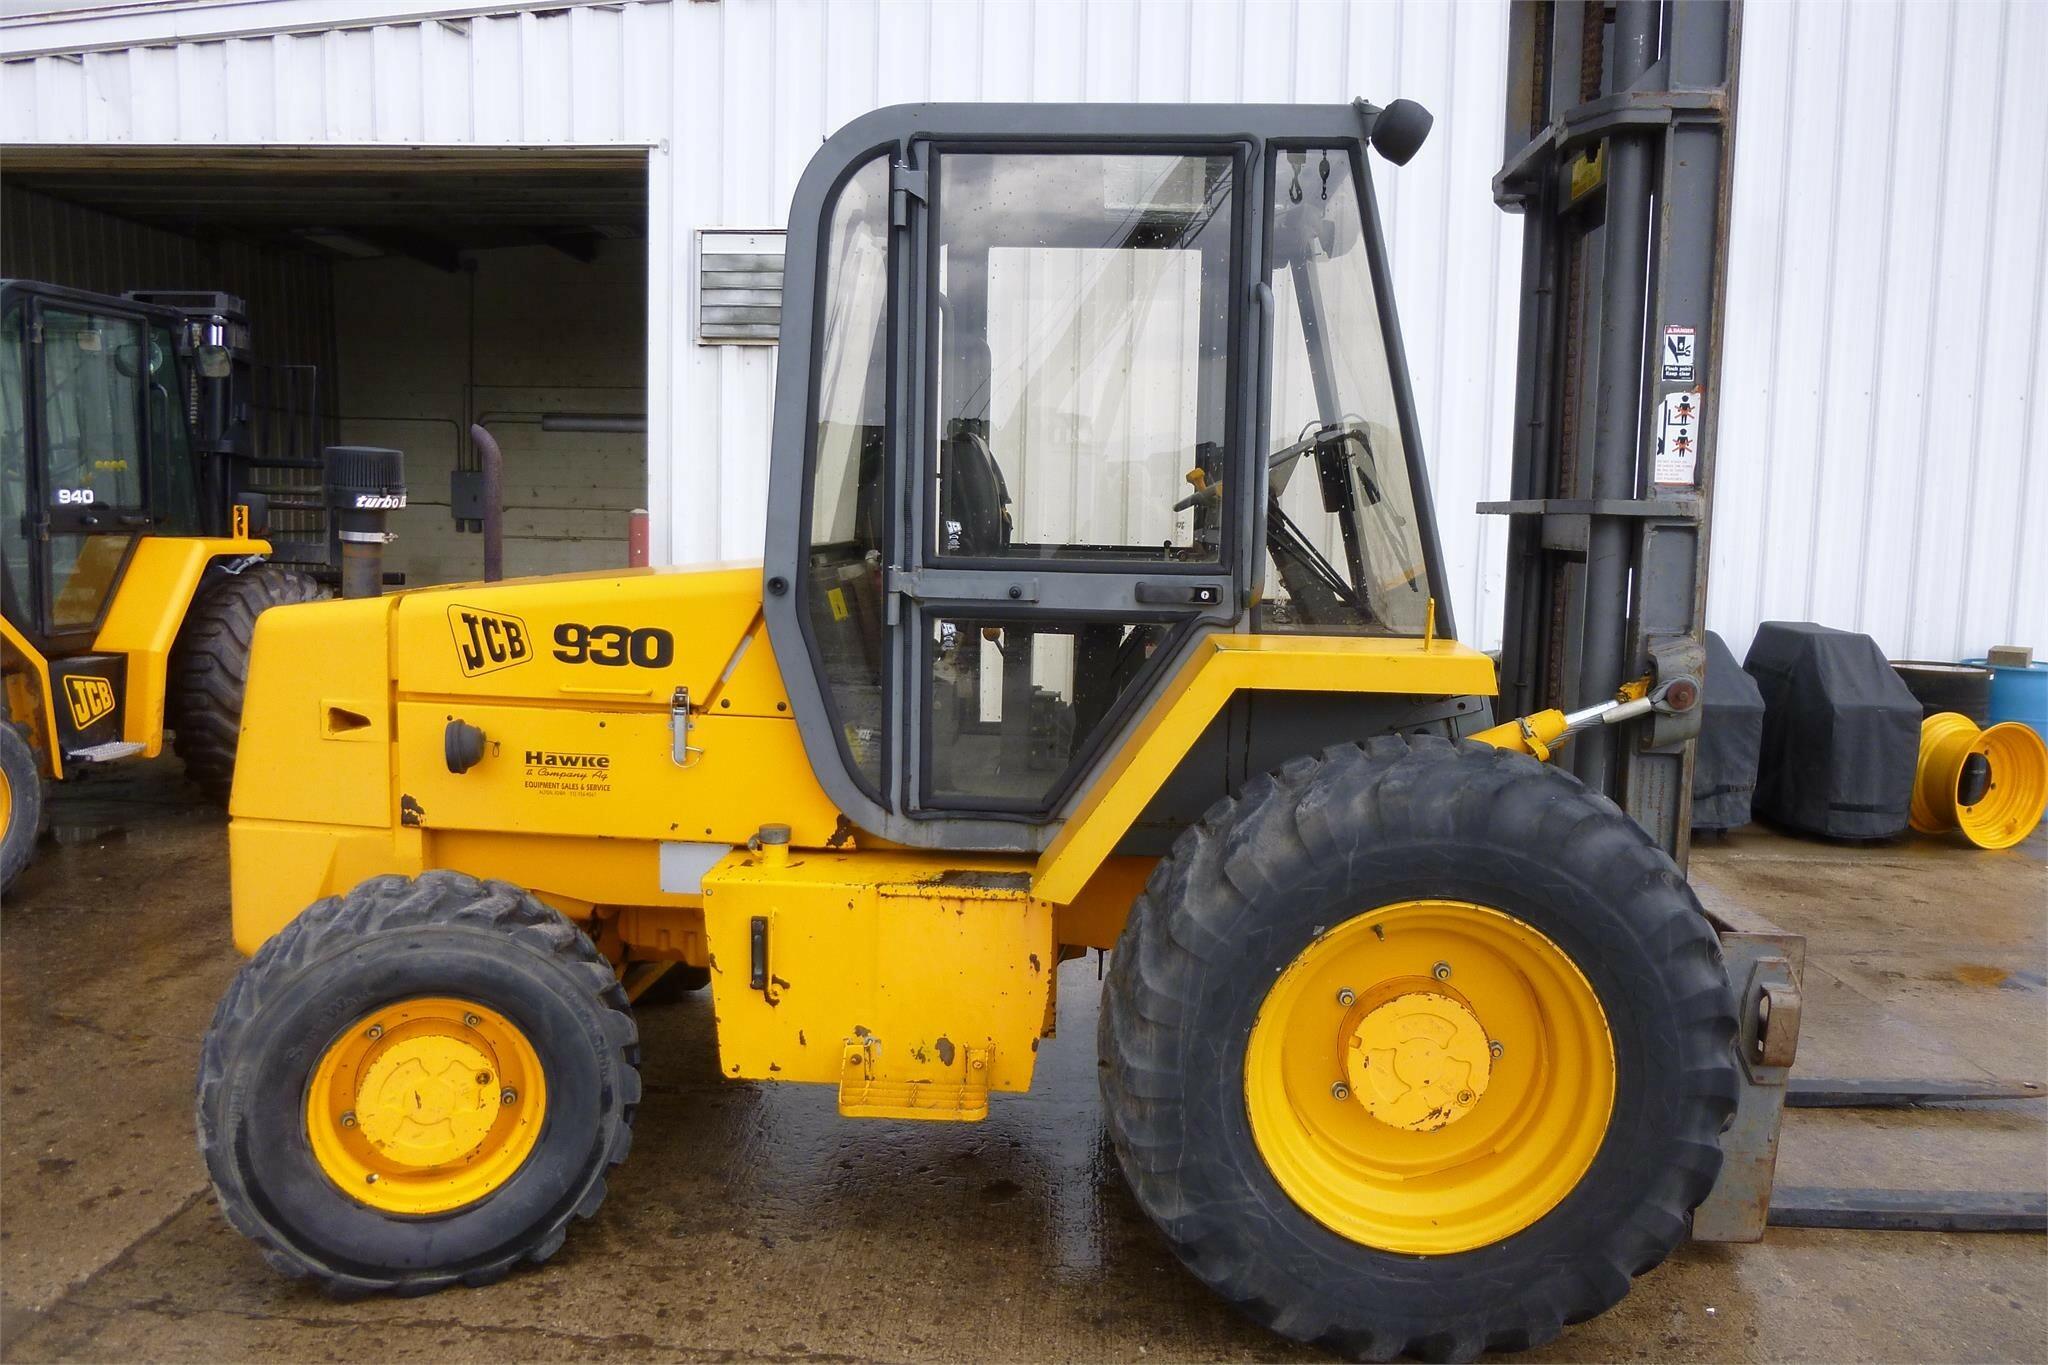 1993 JCB 930 Forklift